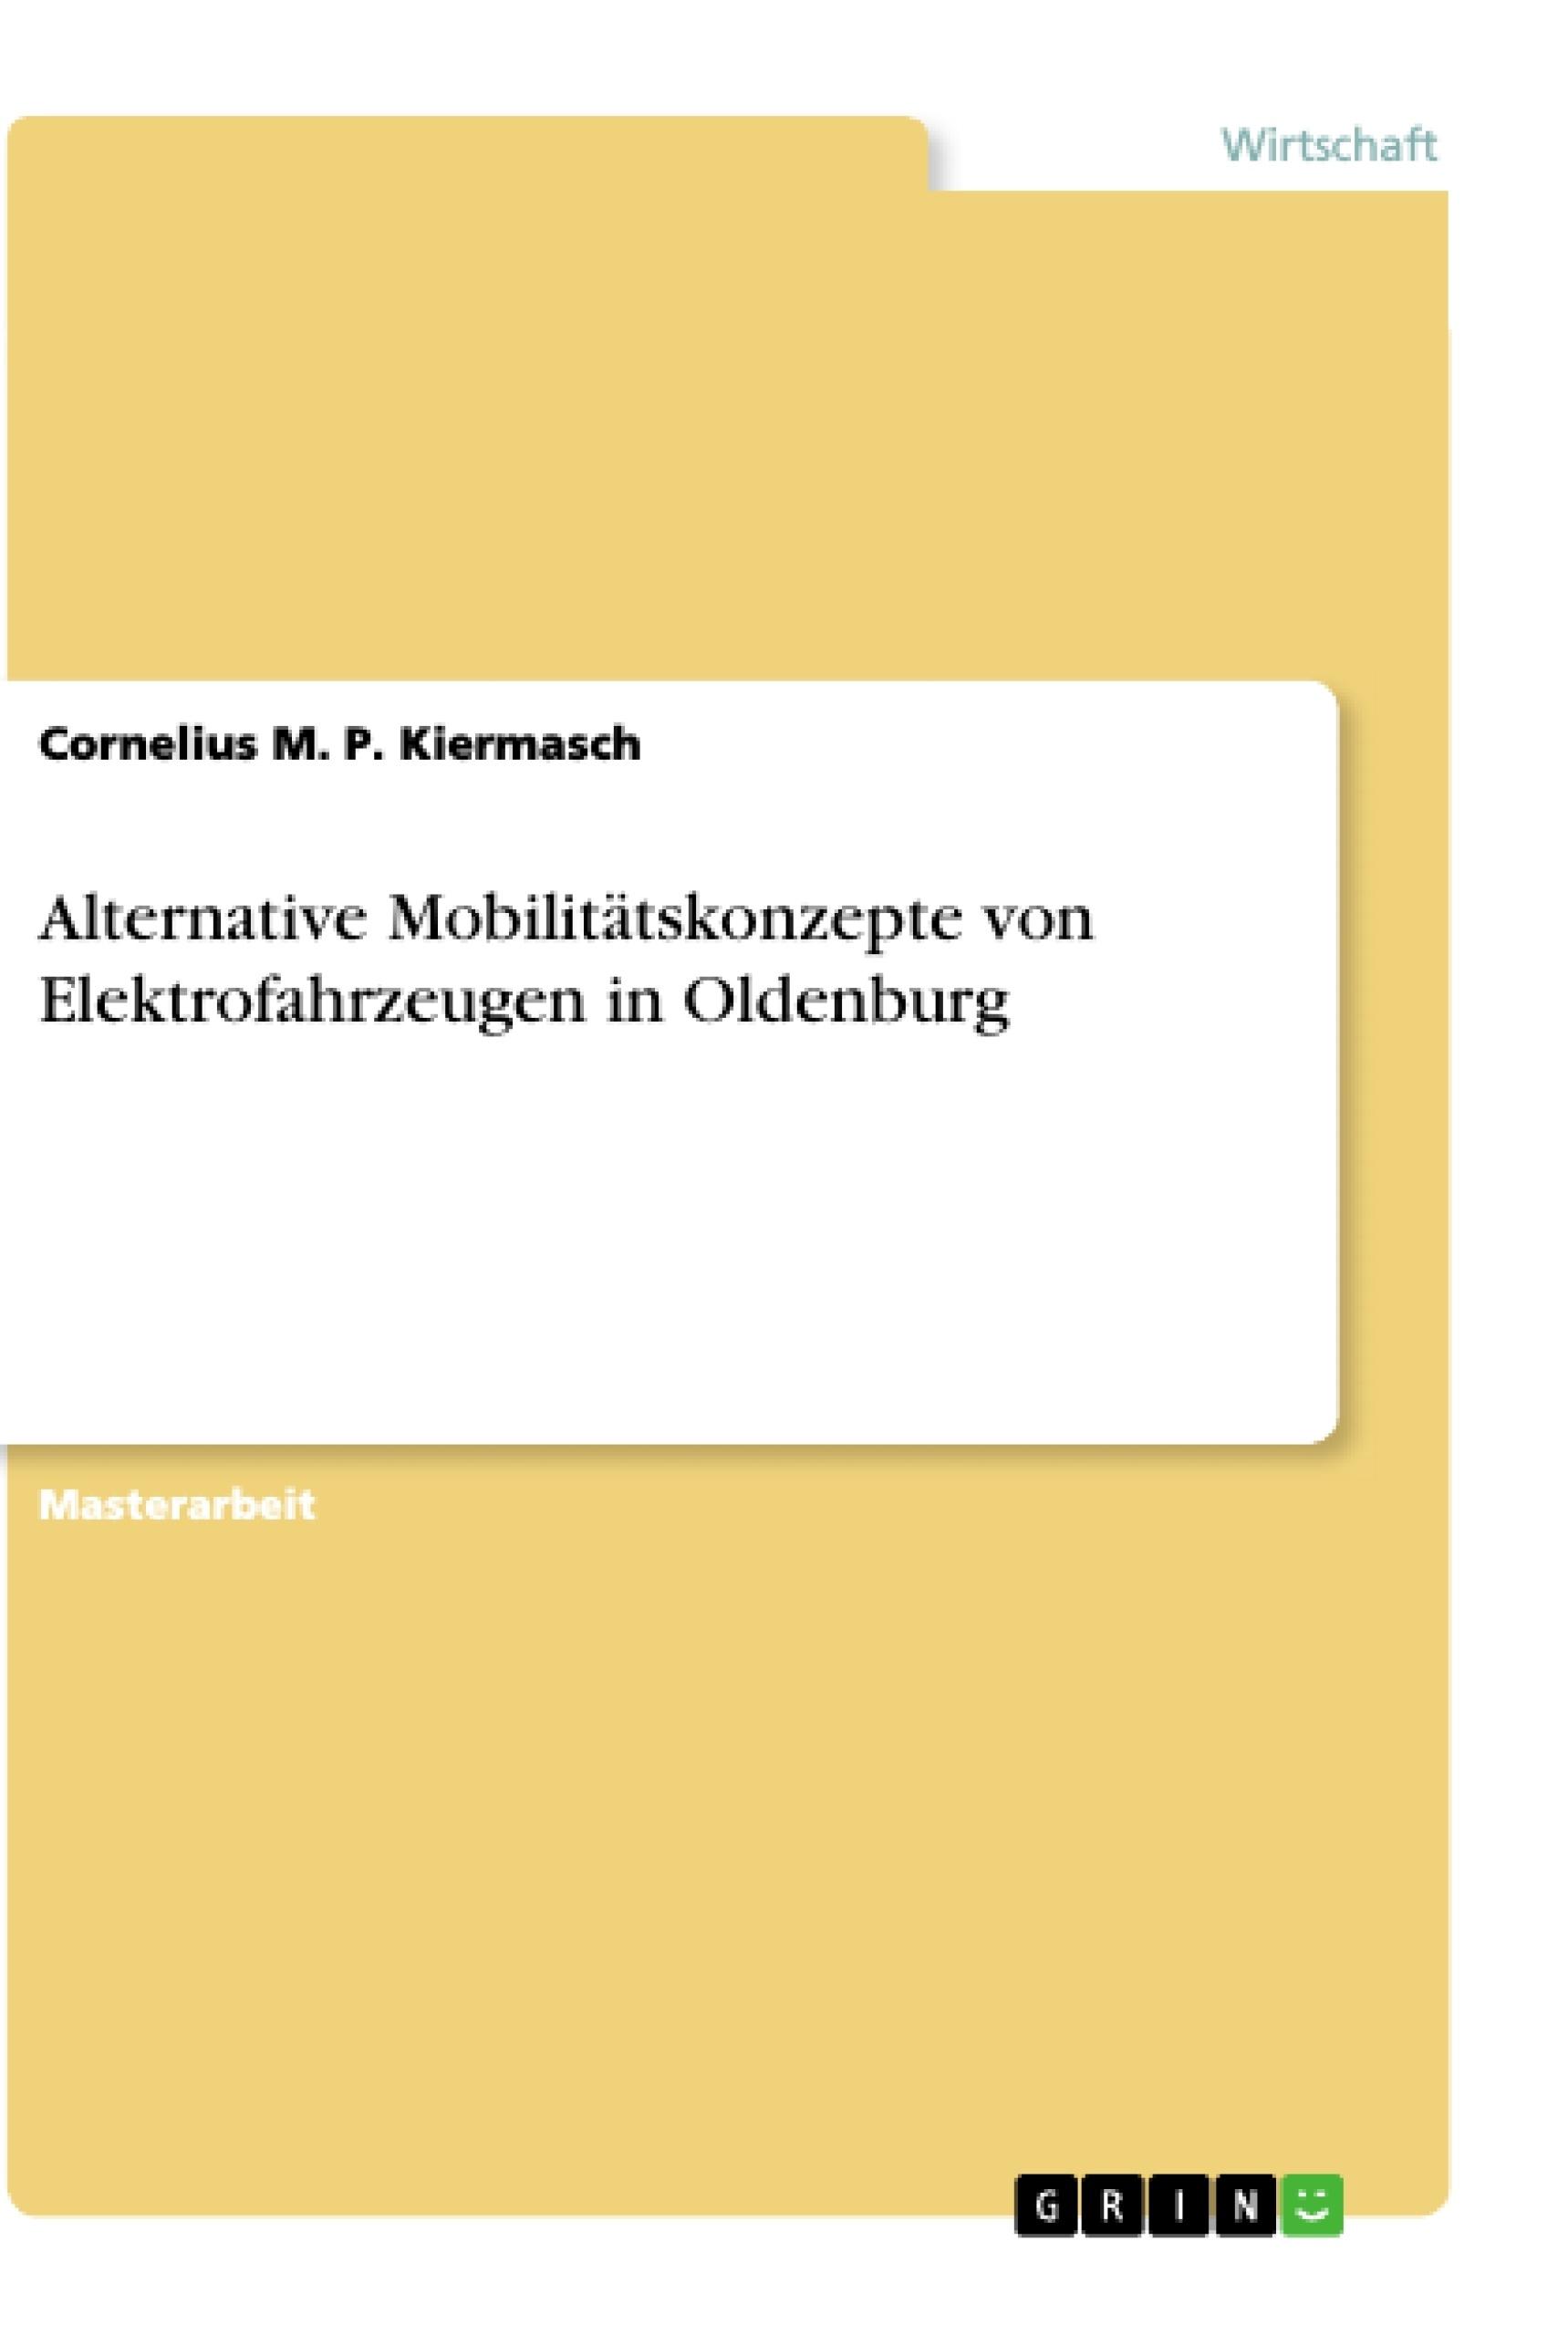 Alternative Mobilitätskonzepte von Elektrofahrzeugen in Oldenburg ...